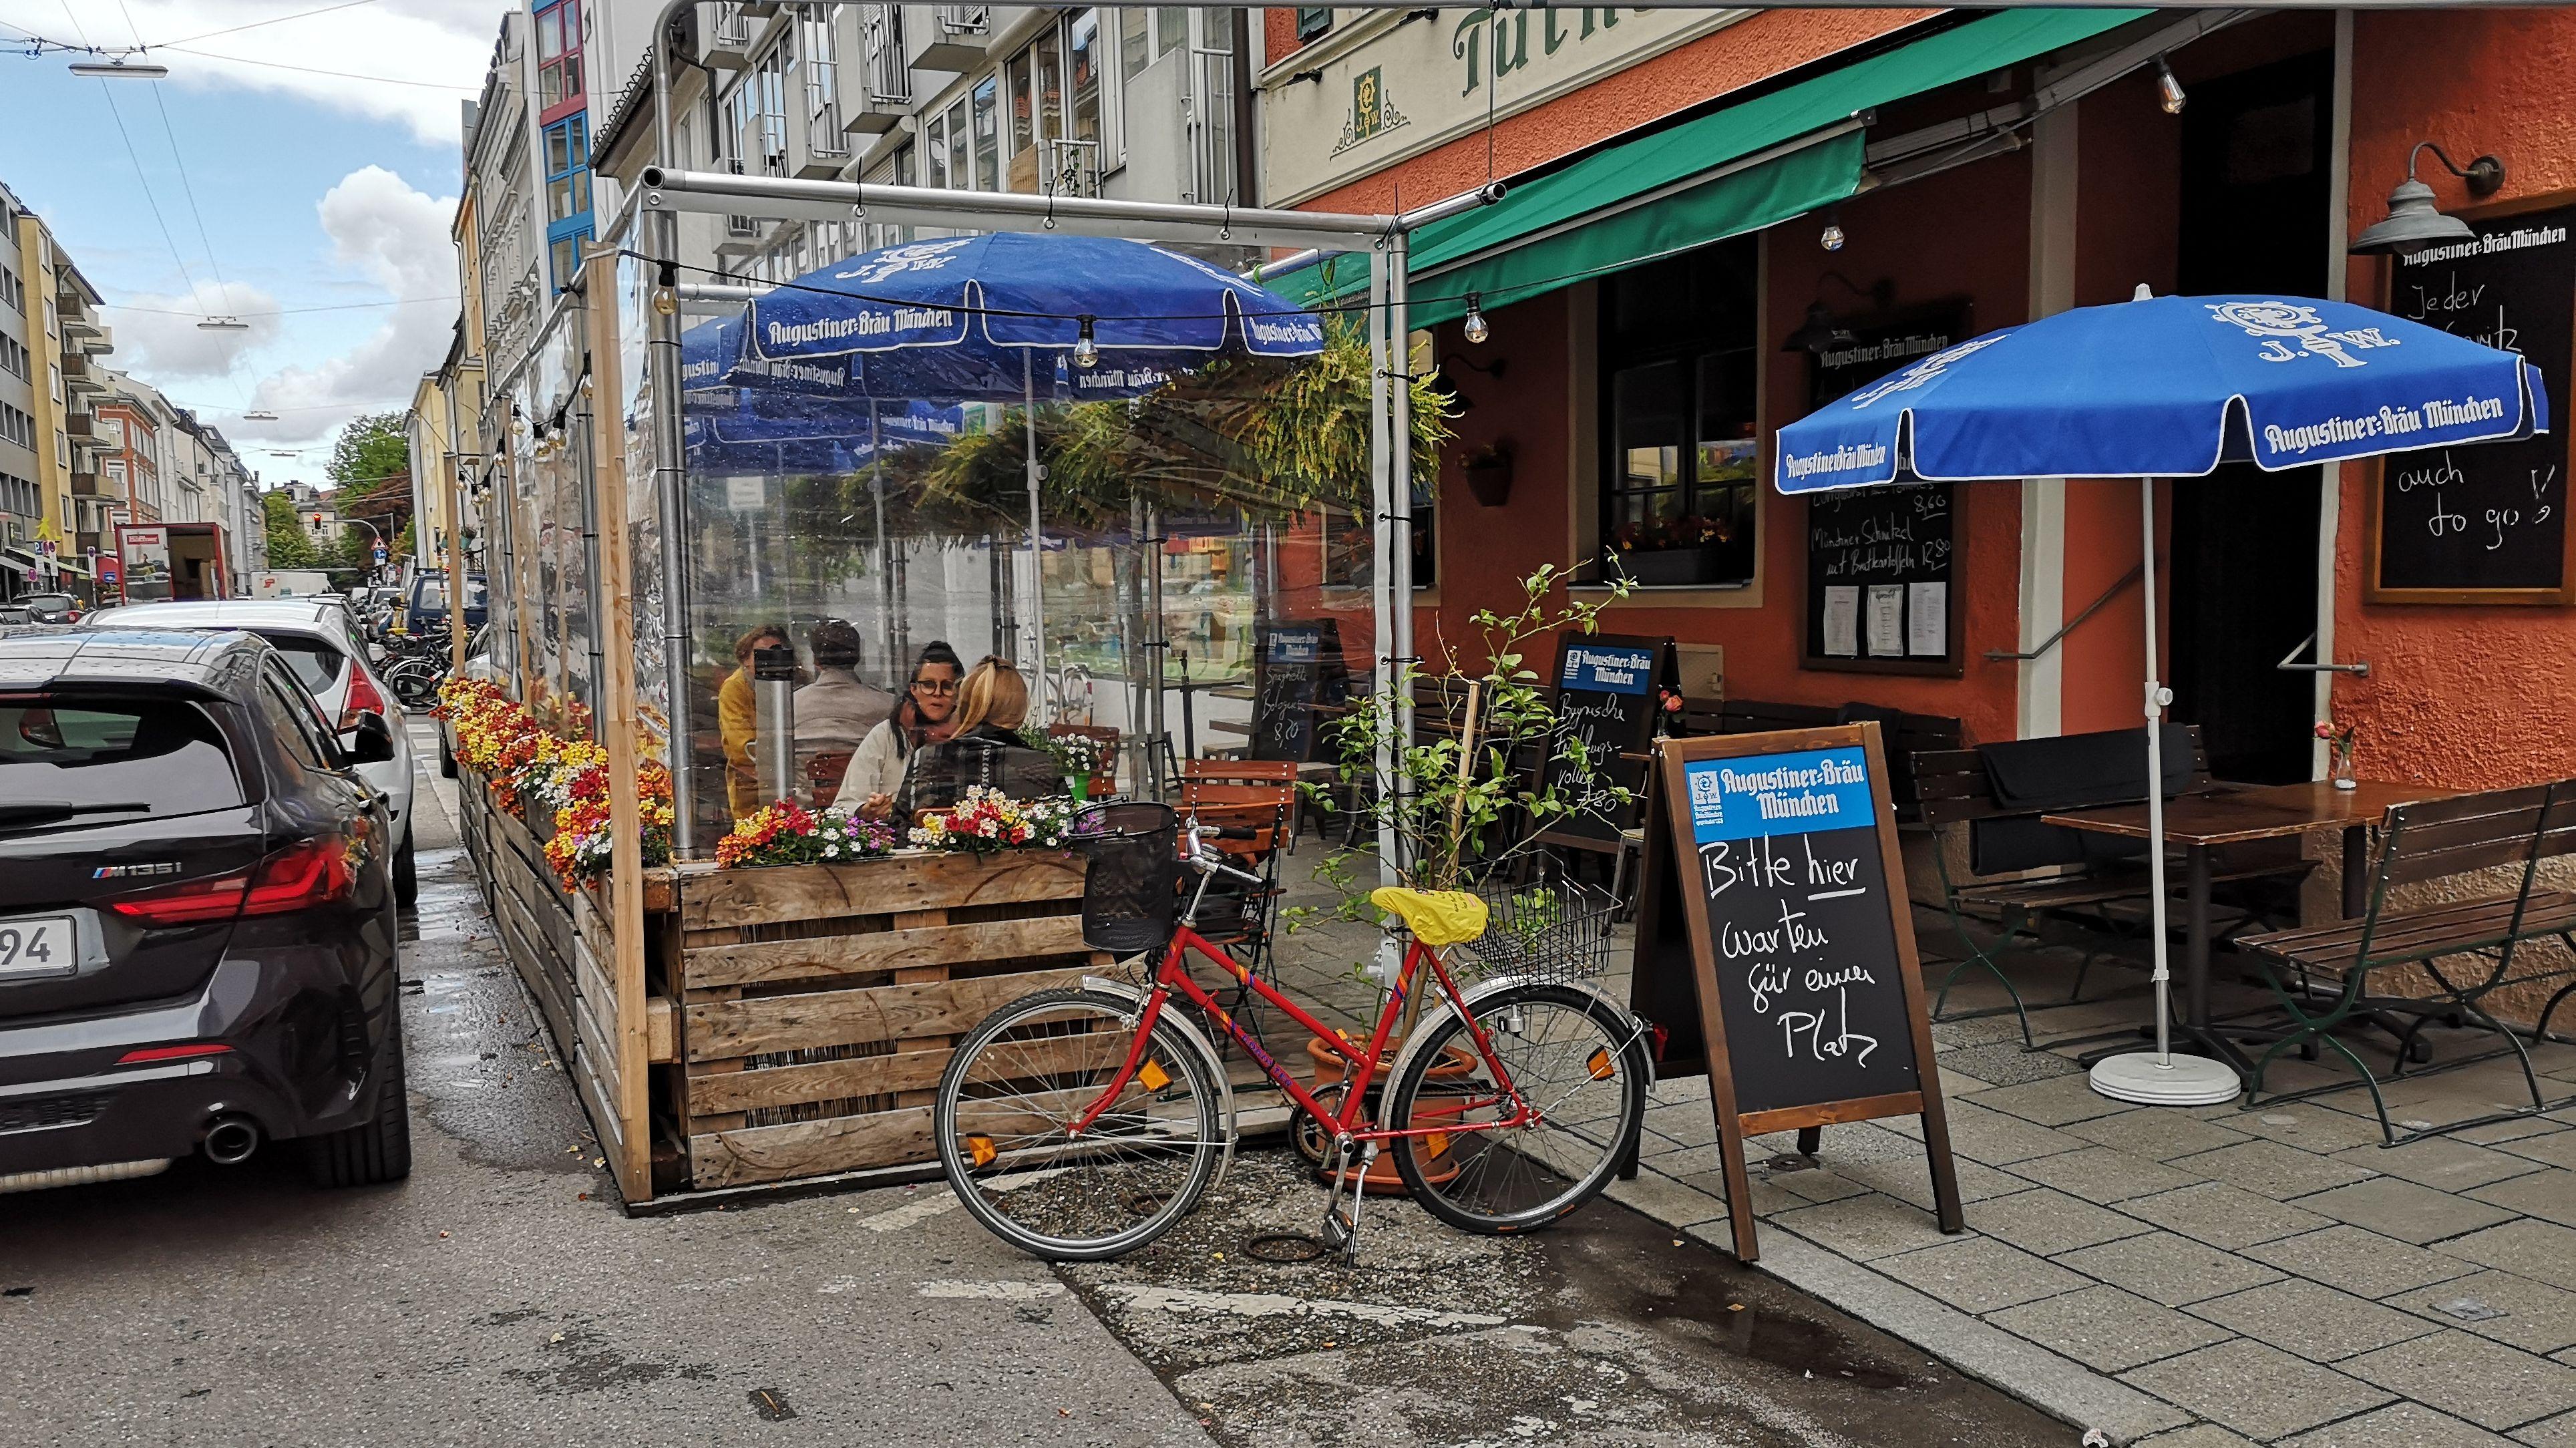 Schanigarten Zwischen Lebensqualitat Und Anwohnerbeschwerden Br24